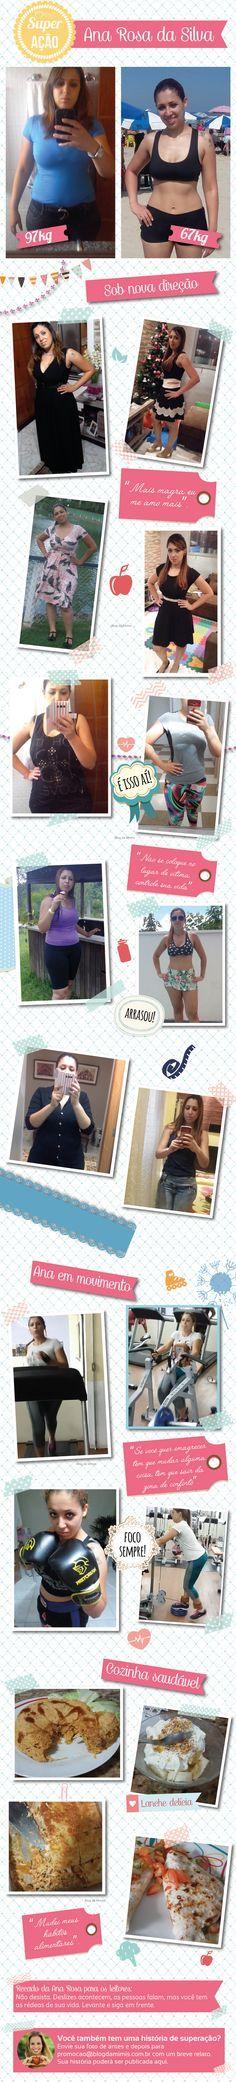 Superação Ana Rosa: mãe muda a rotina e conquista a boa forma - Blog da Mimis - Ana Rosa venceu a obesidade eliminando 30Kg.